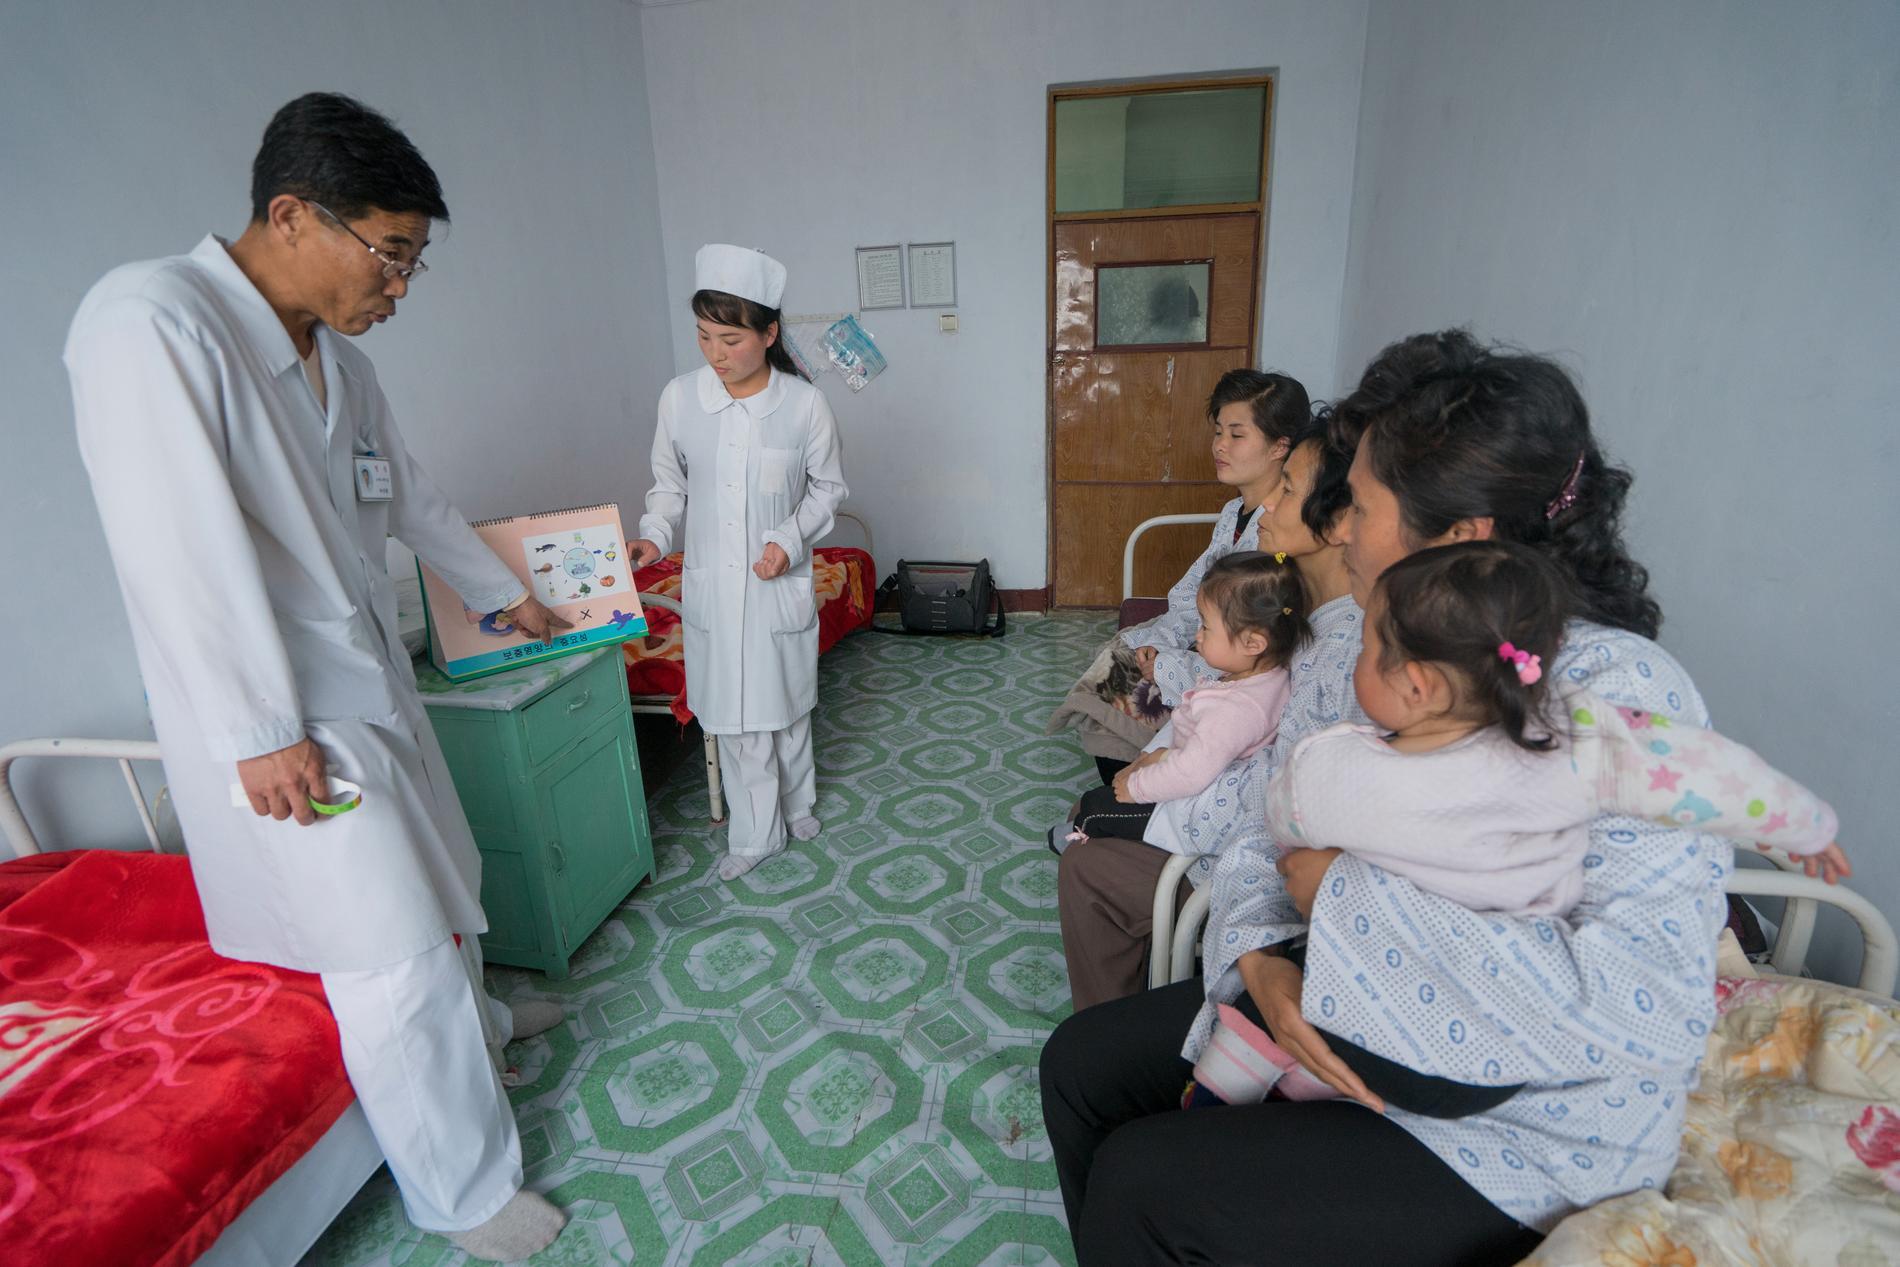 Barnläkaren Ri Song Hwan tar emot mammor och deras barn på ett sjukhus i Jongju i Nordkorea. En del av den sinande sjukvårdsmateriel Röda Korset uttrycker oro för rör förlossningsvård. Arkivbild.